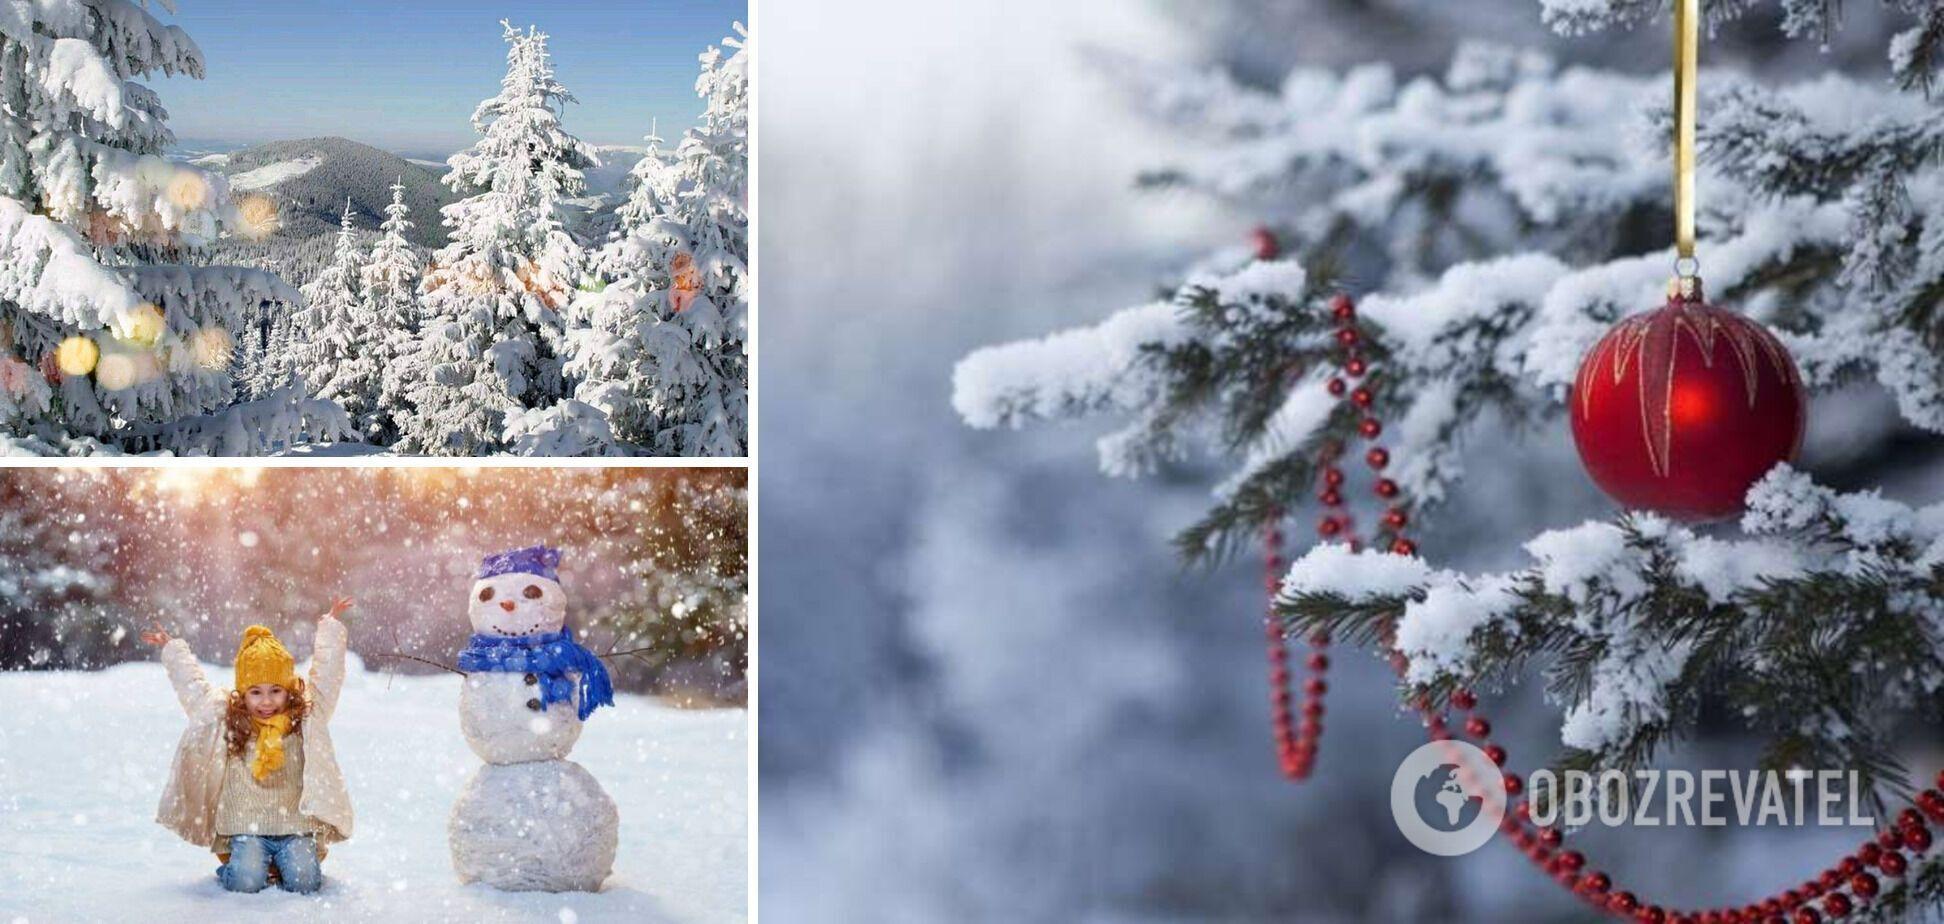 Снігу на Новий рік можна не чекати? Синоптикиня розповіла, якою буде погода взимку в Україні